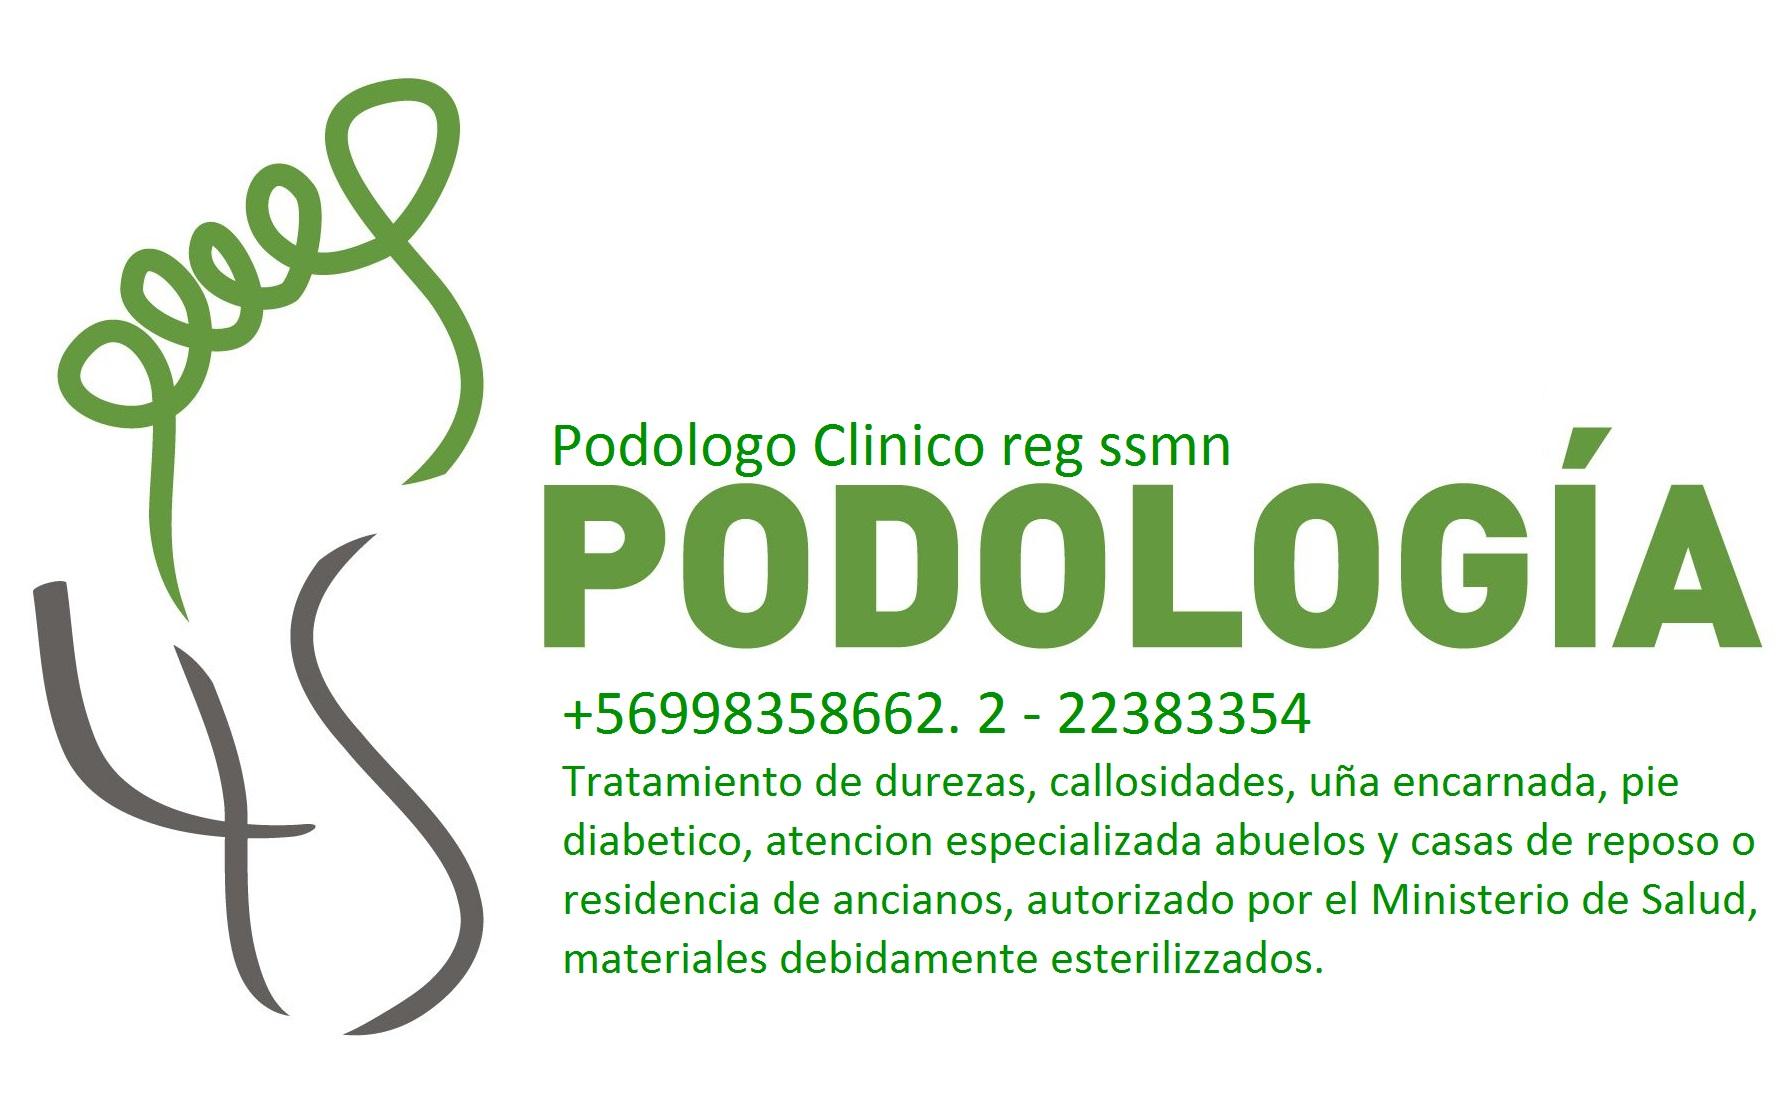 PODOLOGIA DIABETICA Lo barnechea la Dehesa +569 98358662